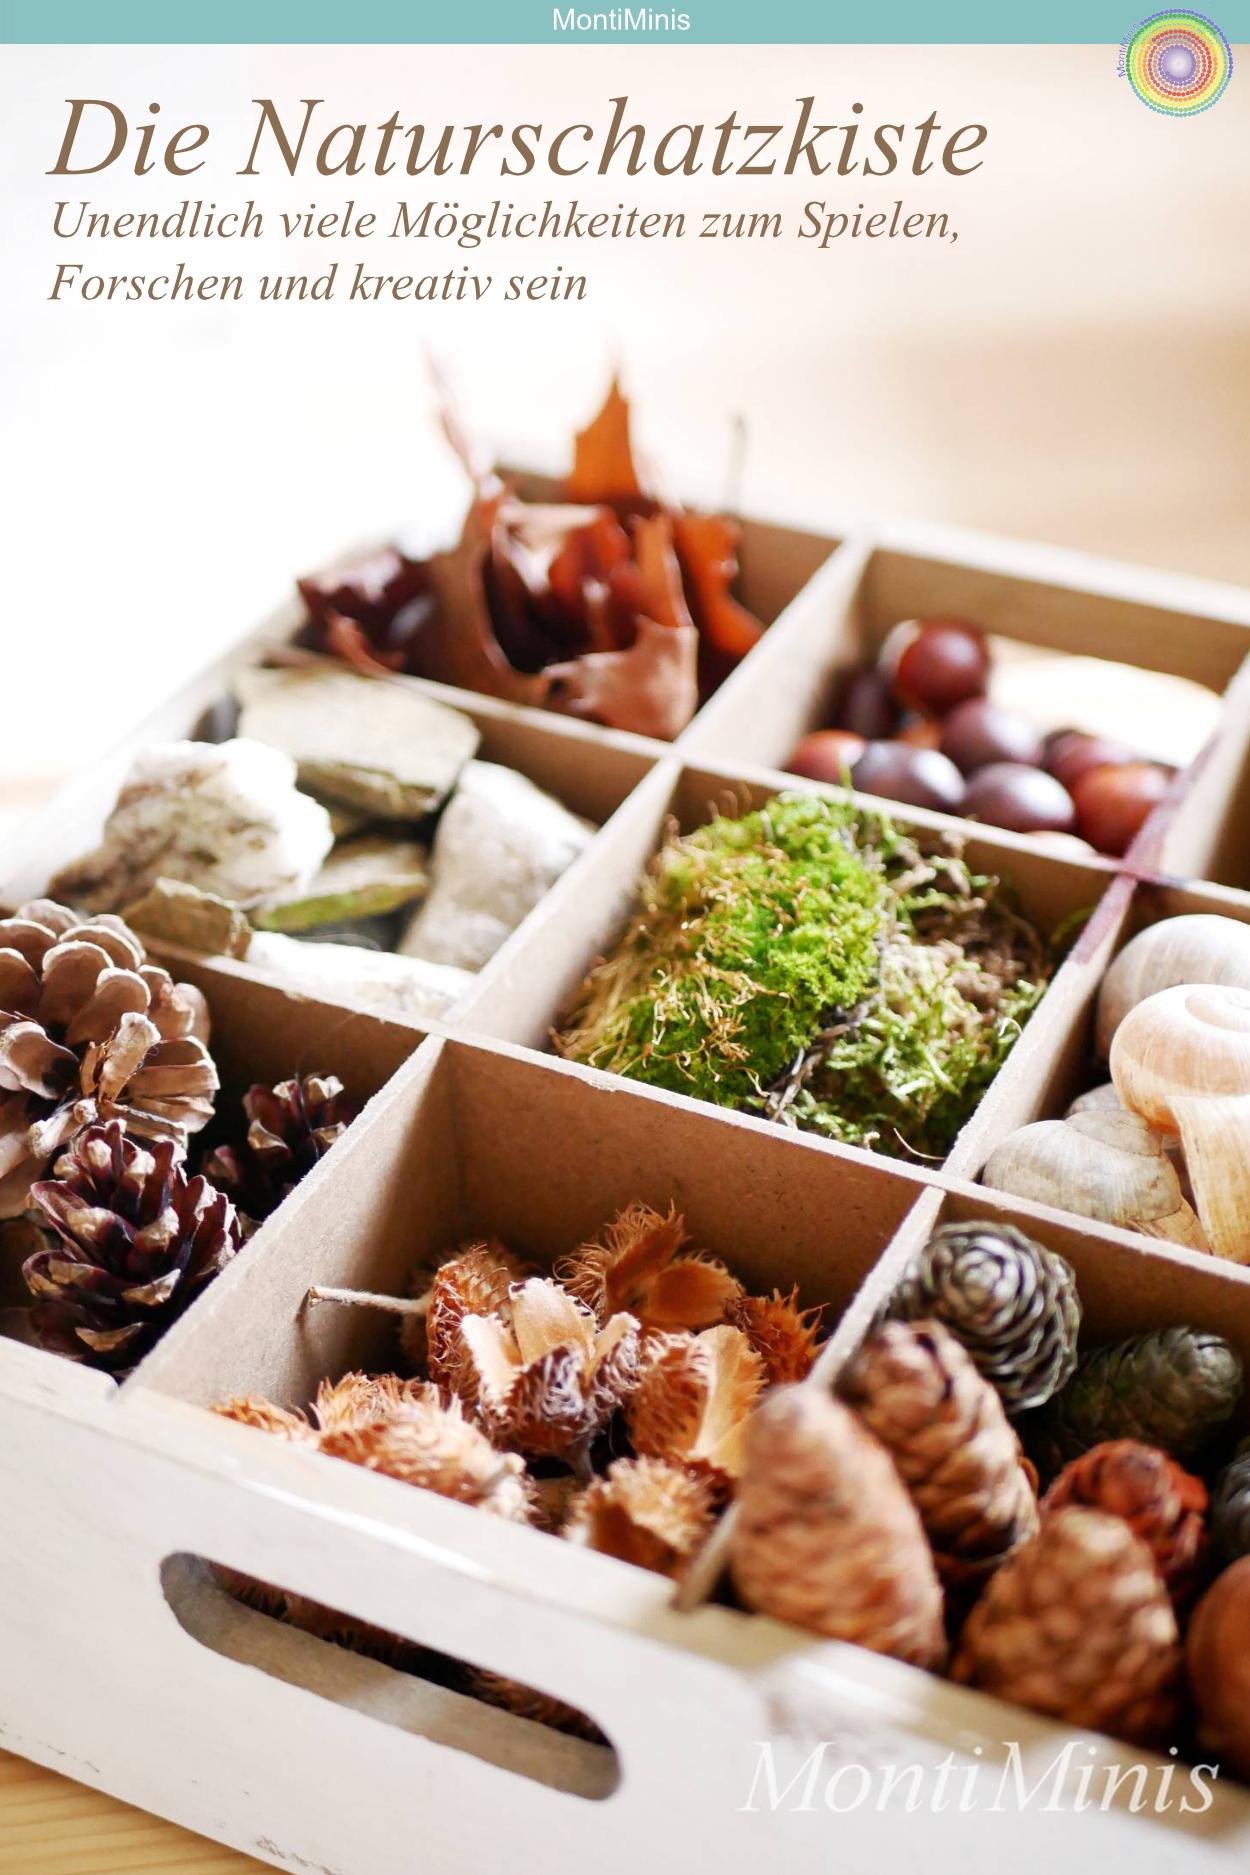 Photo of Basteln mit Naturmaterialien: Eine Kiste voll mit Naturschätzen